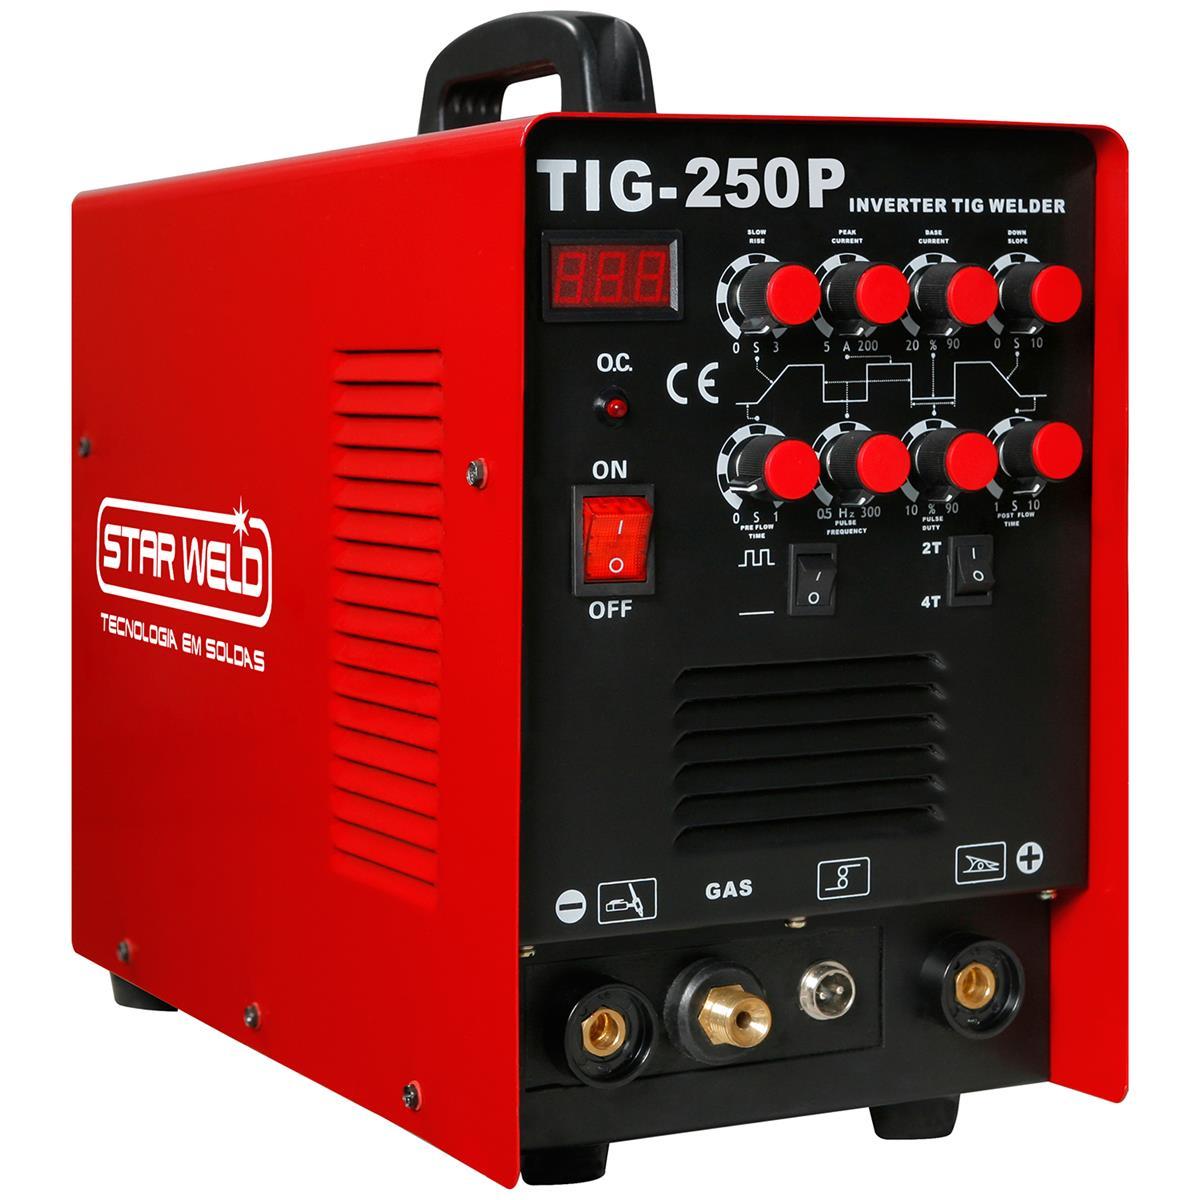 Máquina Inversora De Solda Tig Pulsada Tig 250P Starweld